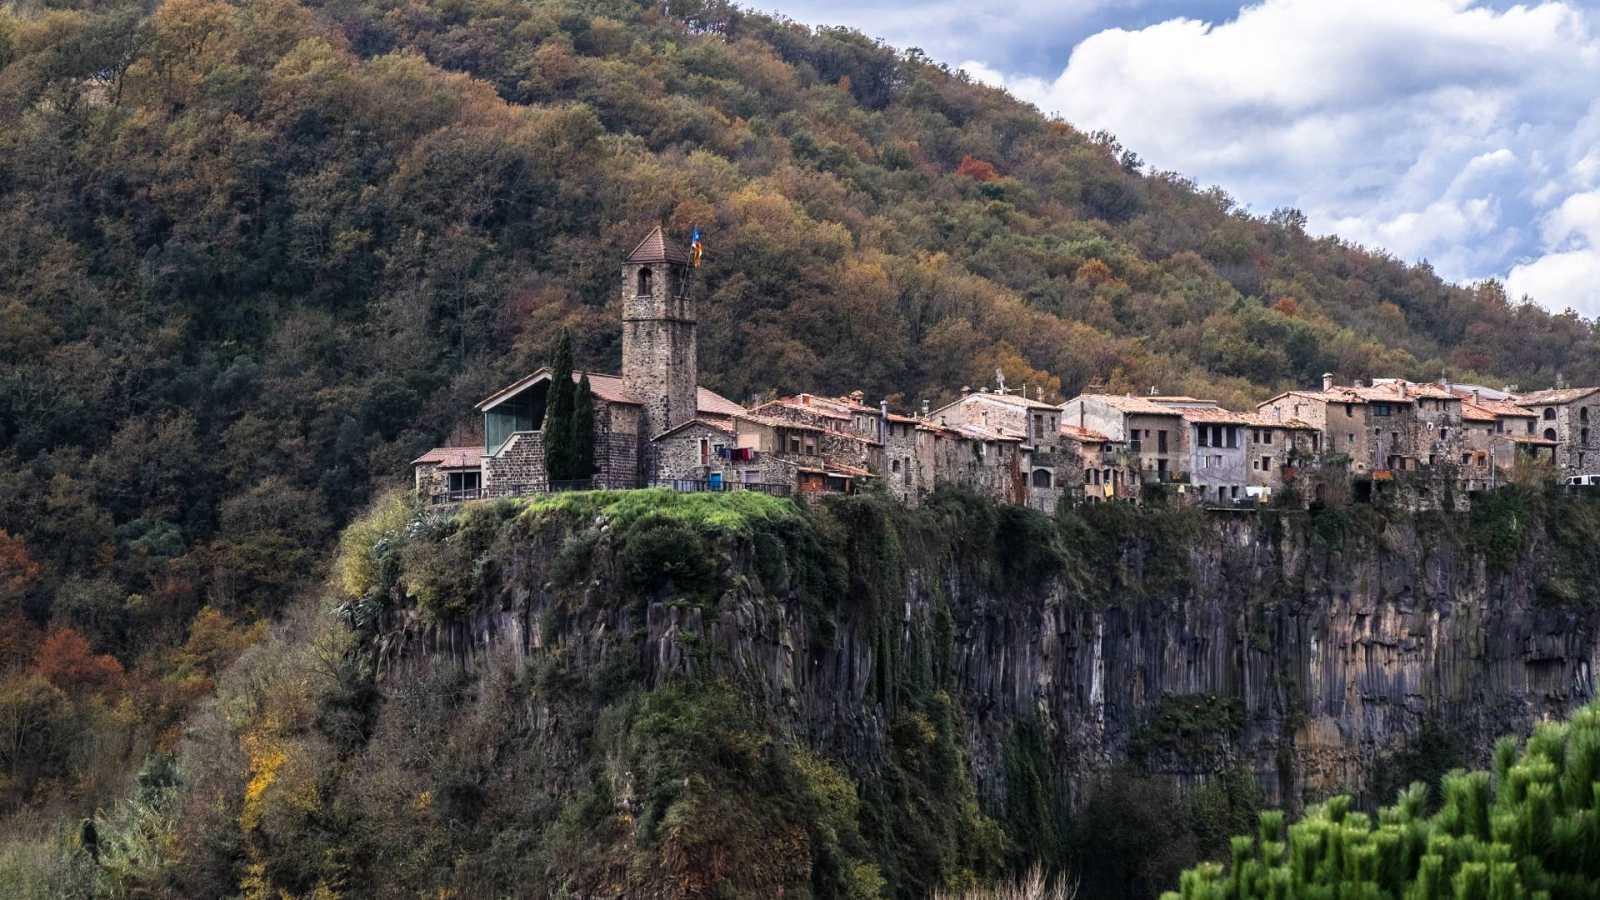 Solamente una vez - Marcelo Luján, Castellfulit de la Roca y su pueblo - 14/08/20 - escuchar ahora